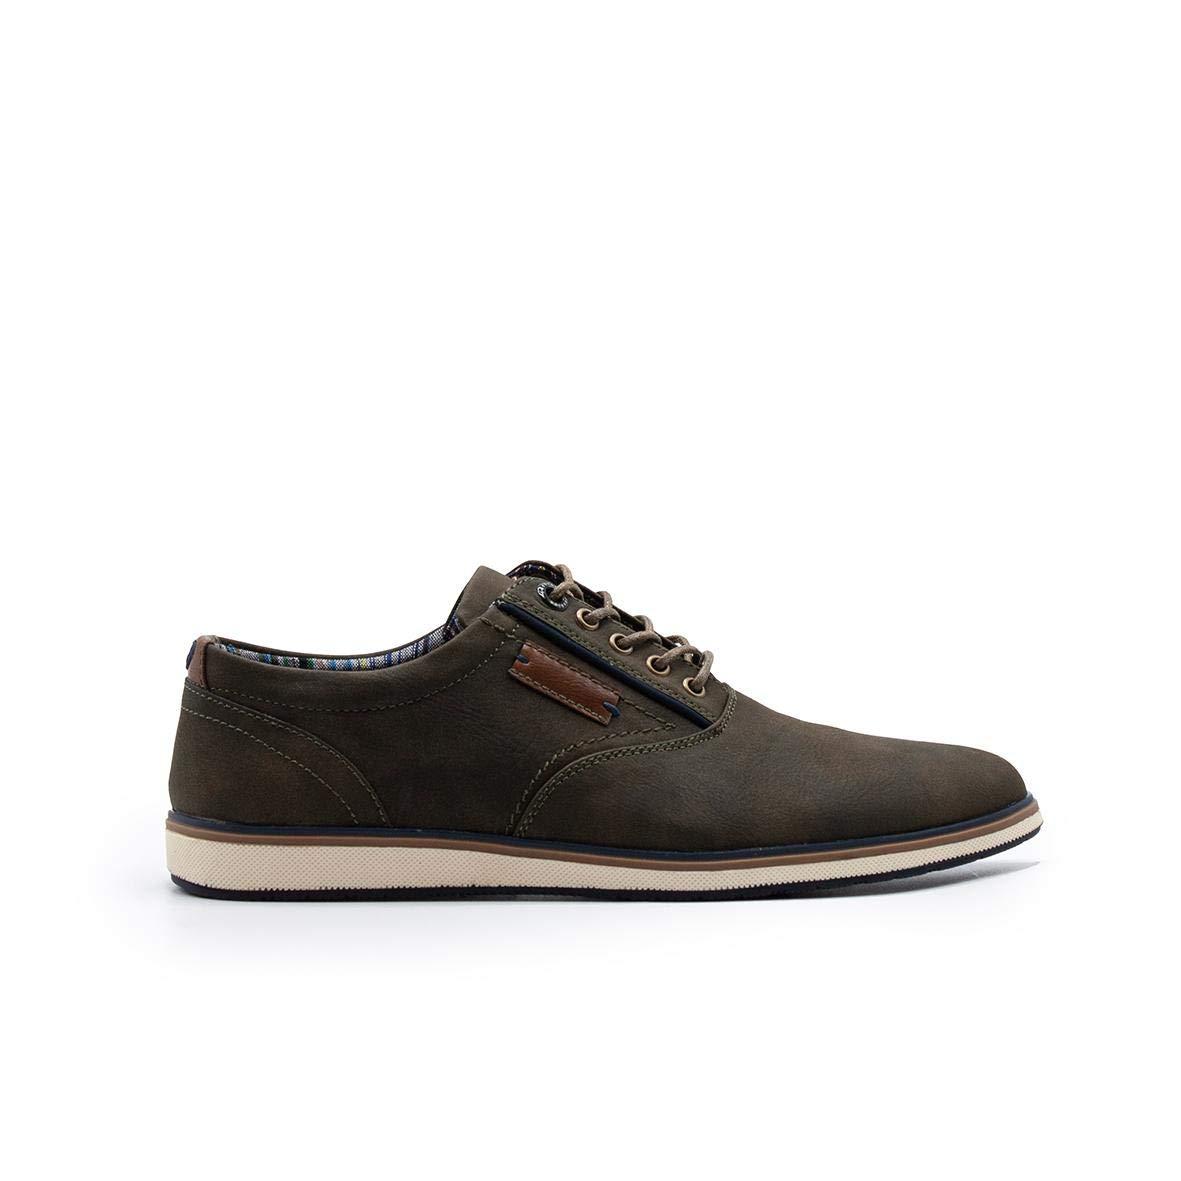 ZAPSHOP EL0621-OLIVE Zapato de Cordones Piel Sintetica con Suela Sport Beis para Hombre